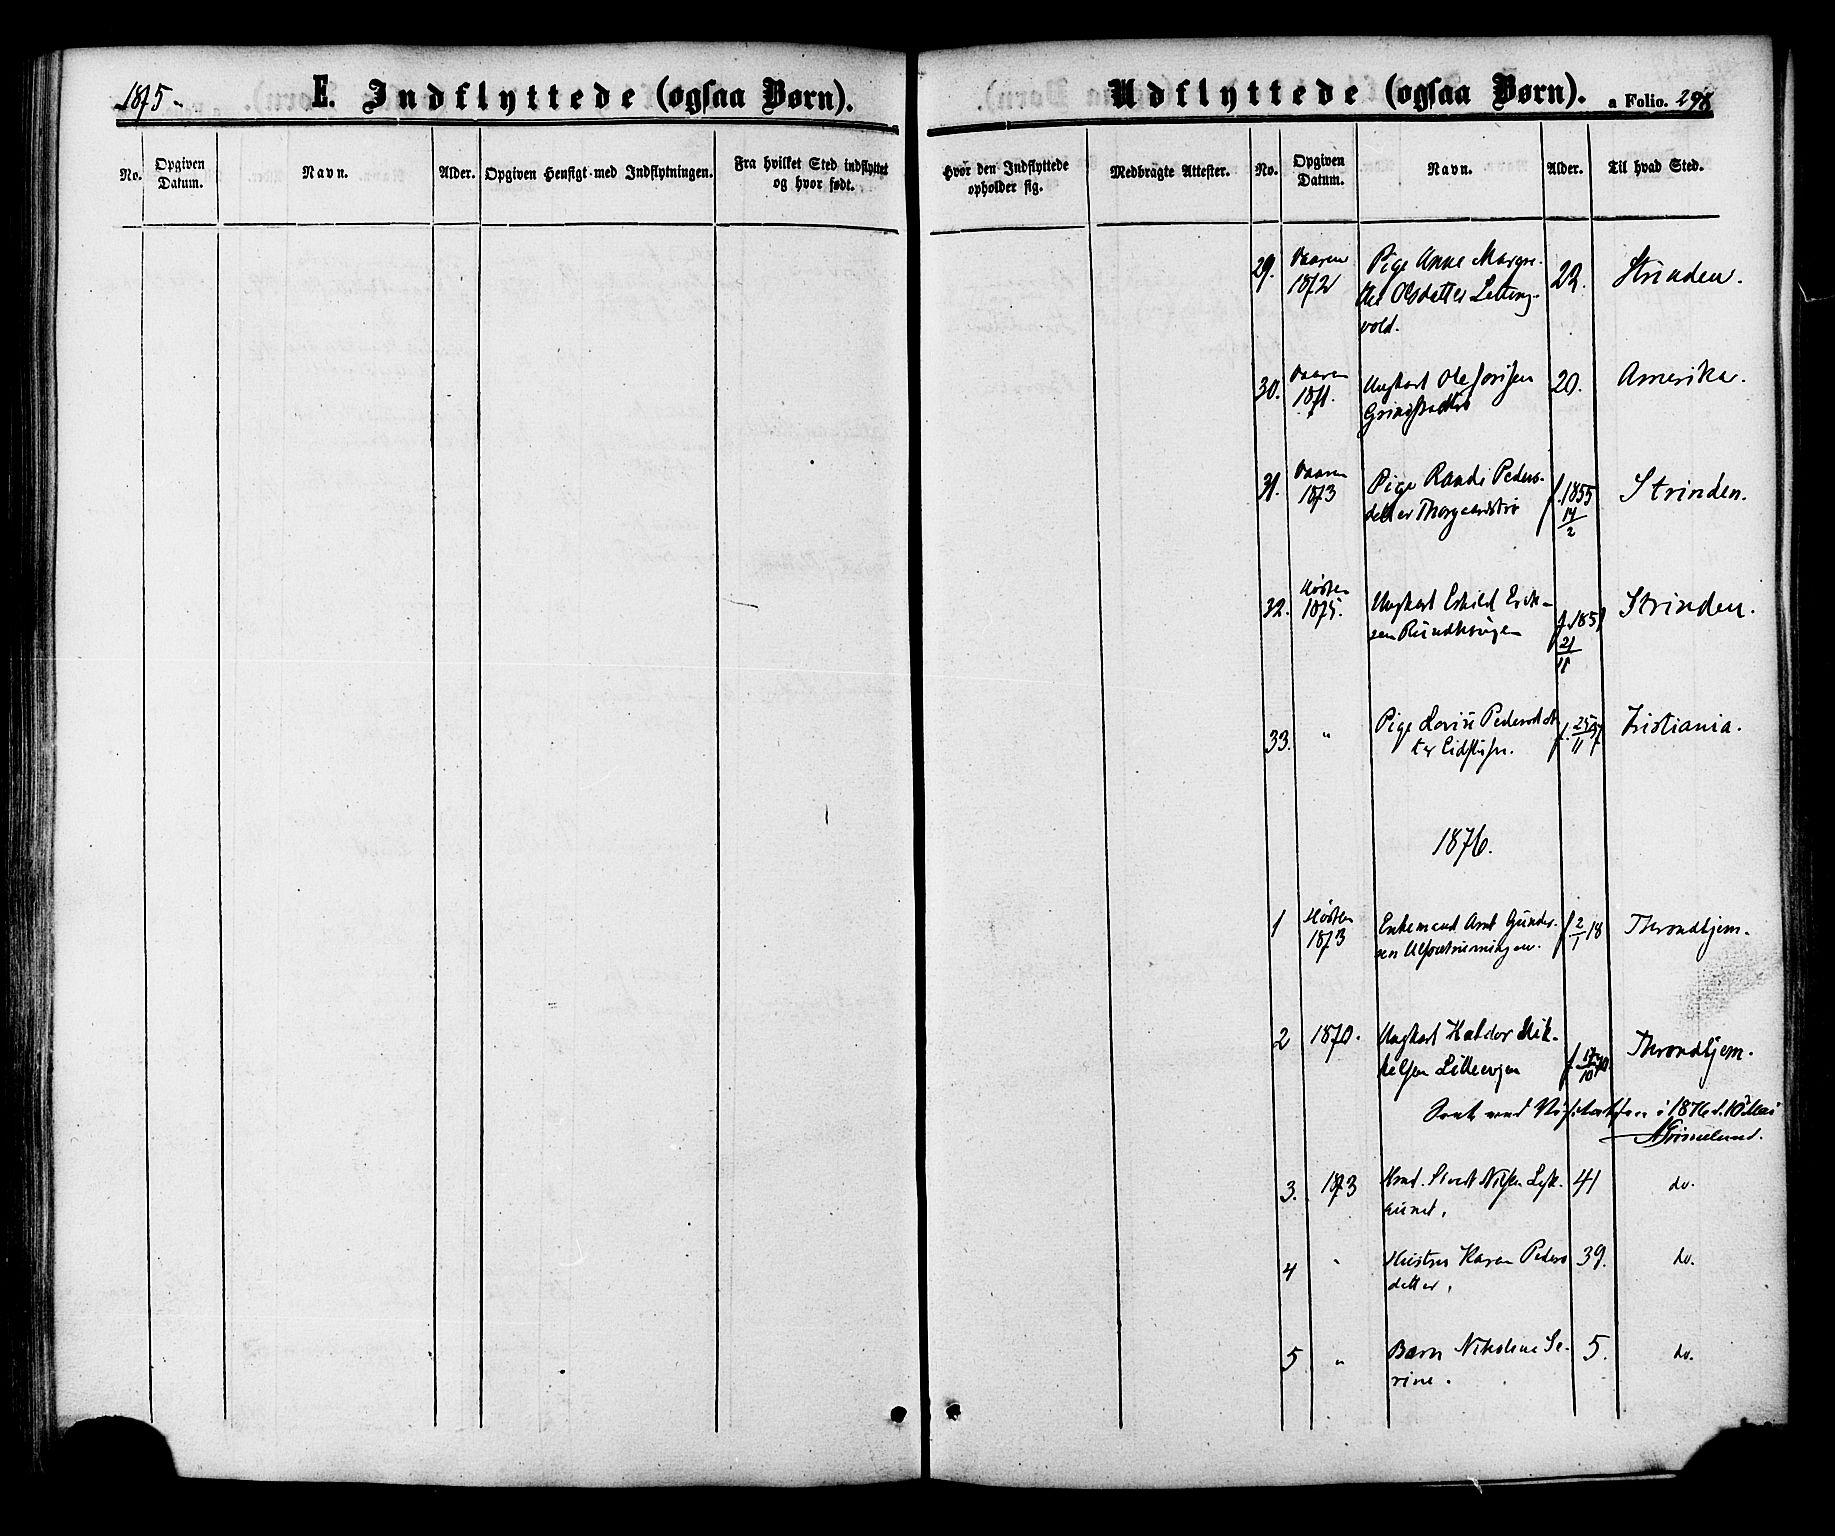 SAT, Ministerialprotokoller, klokkerbøker og fødselsregistre - Sør-Trøndelag, 618/L0442: Ministerialbok nr. 618A06 /1, 1863-1879, s. 298